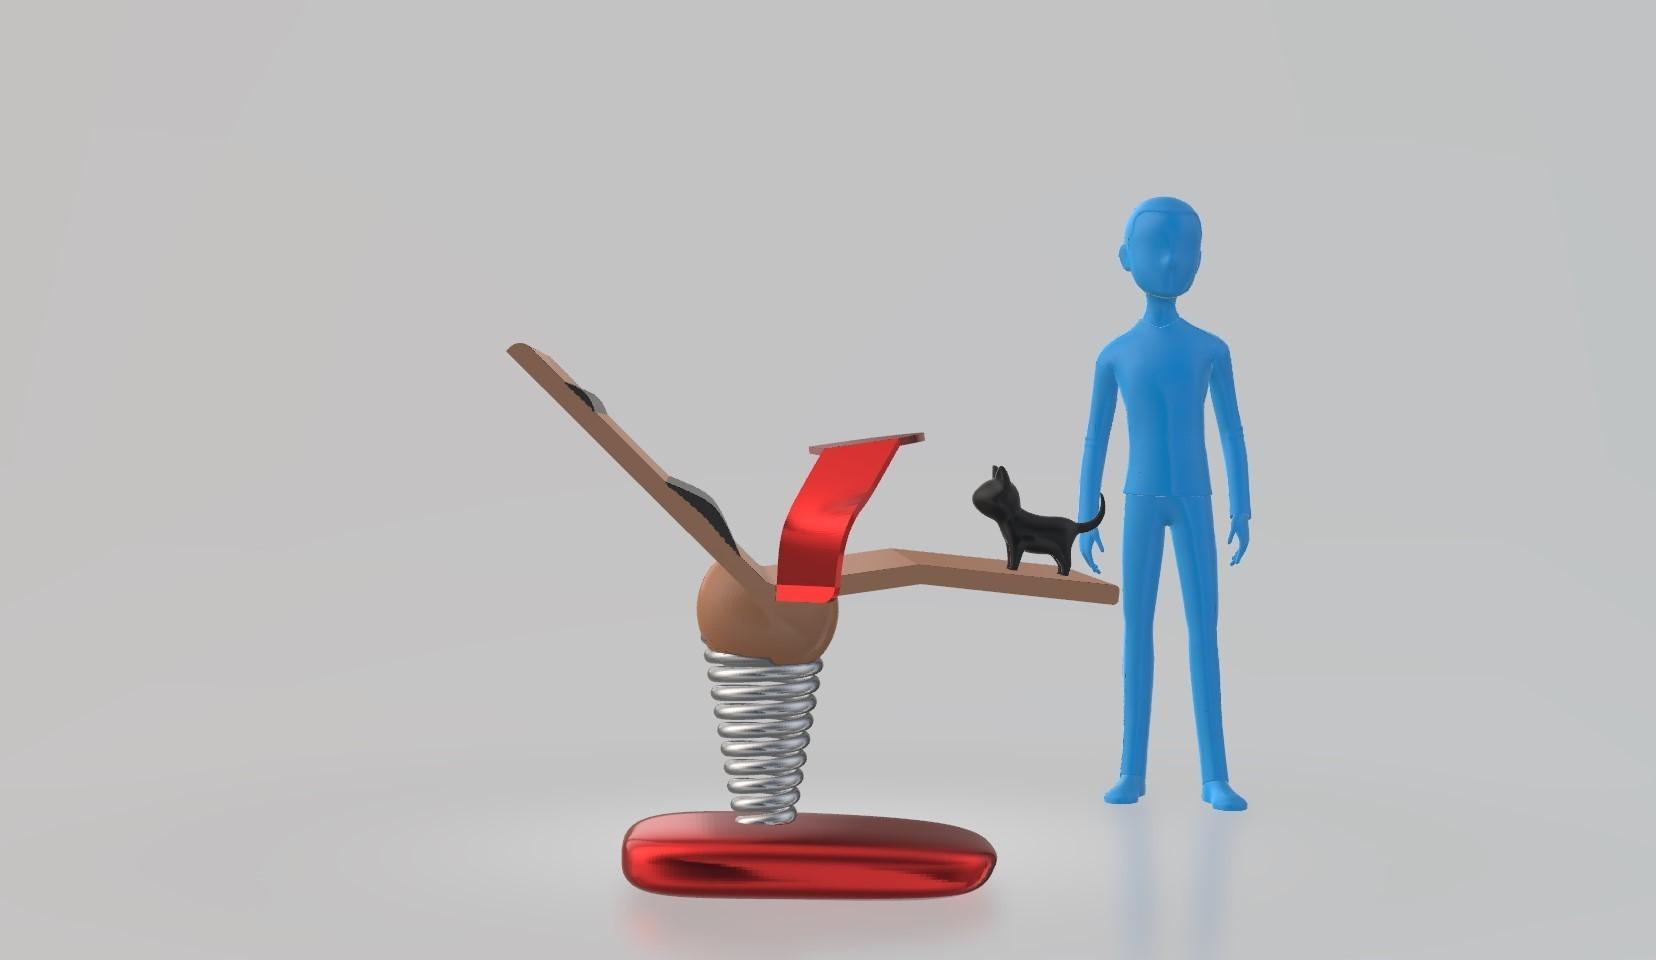 cote.jpg Télécharger fichier STL gratuit le lazydeskchair • Objet à imprimer en 3D, spiriteom